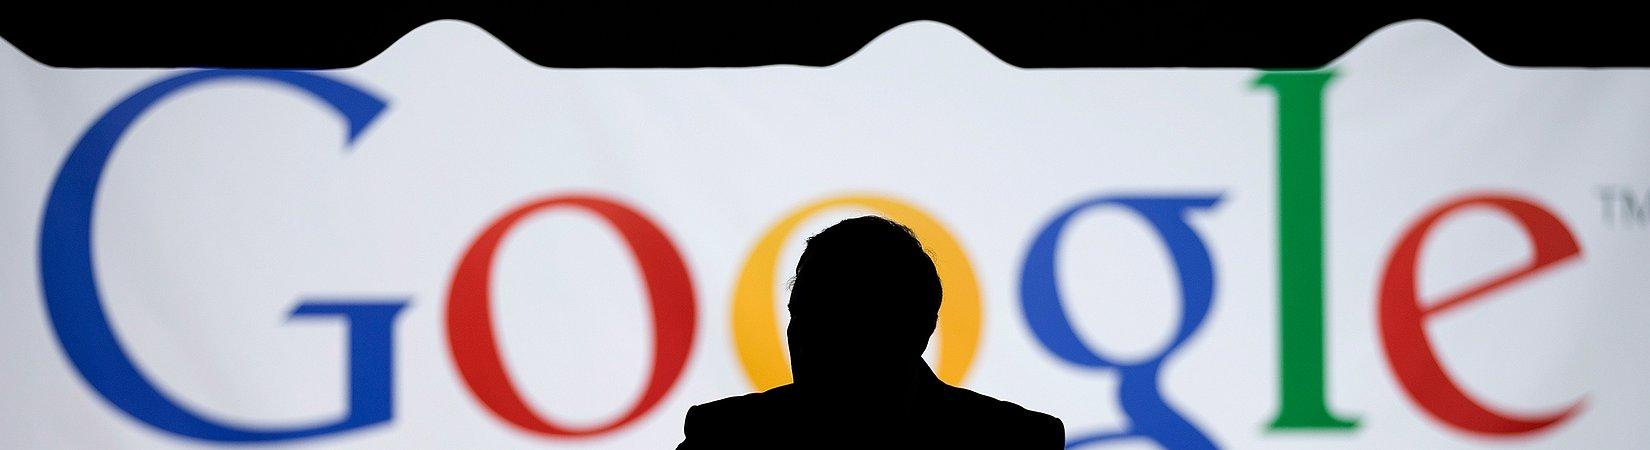 Google è ancora la forza trainante di Alphabet